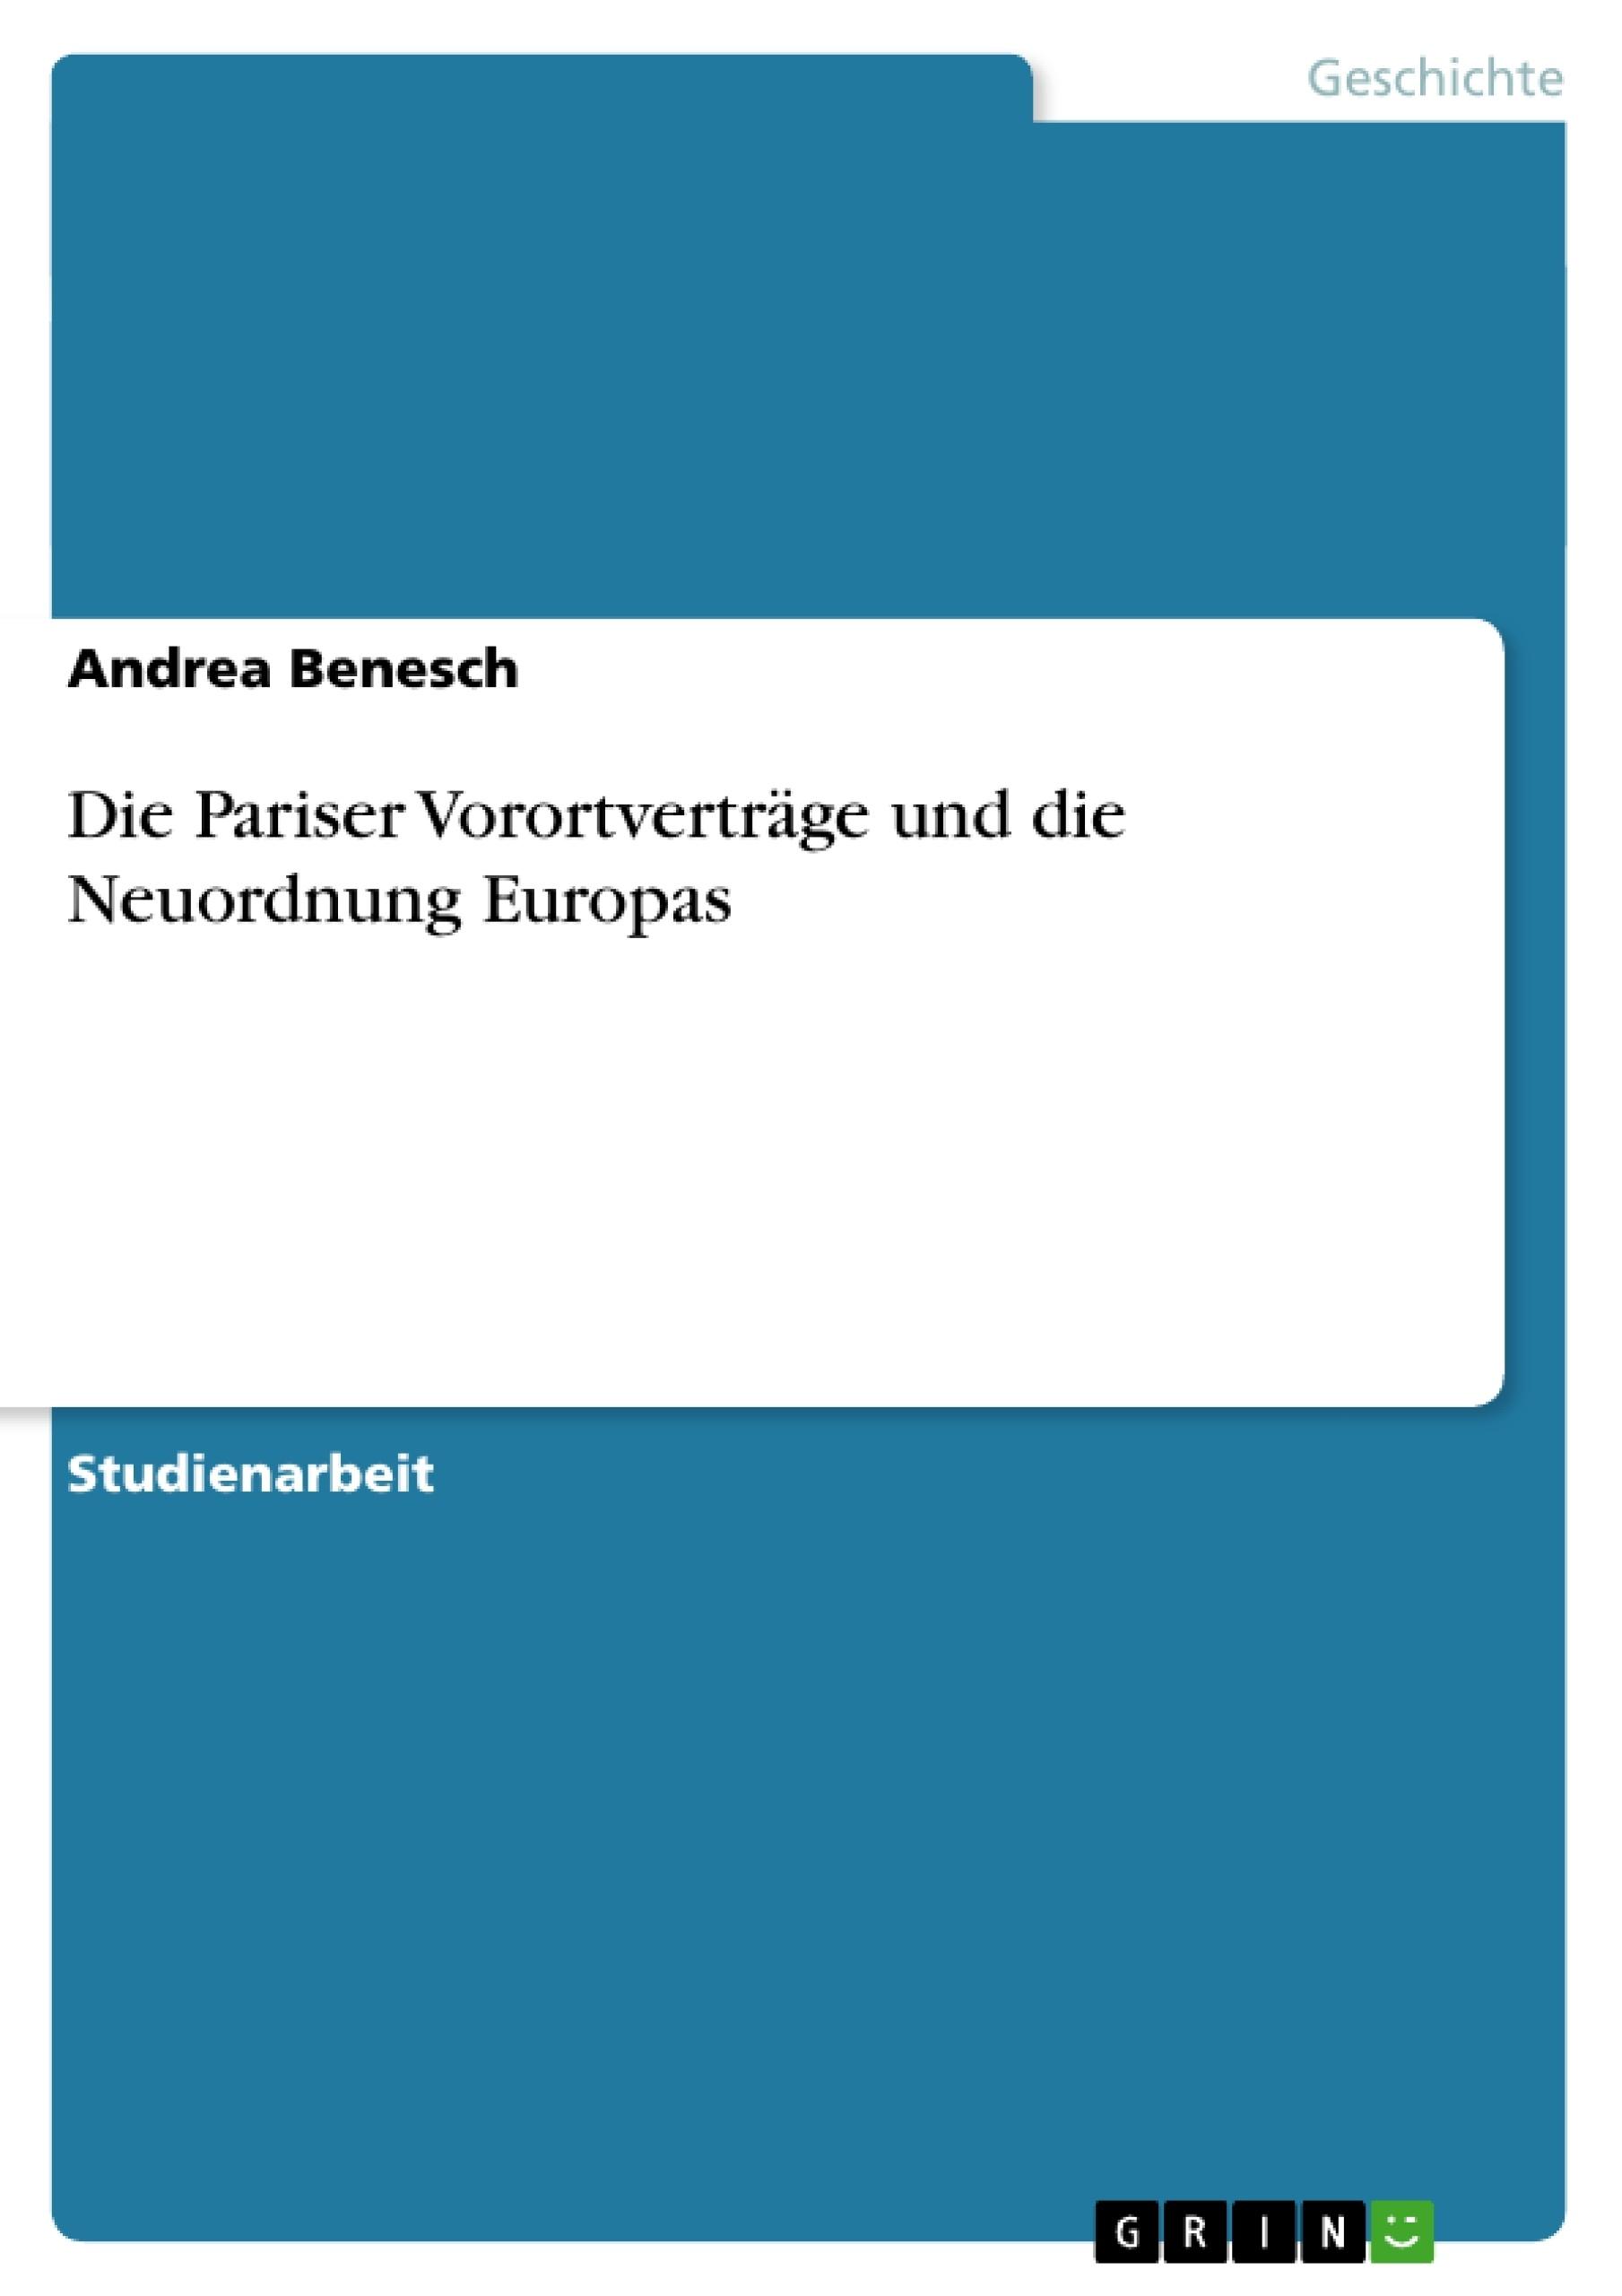 Titel: Die Pariser Vorortverträge und die Neuordnung Europas